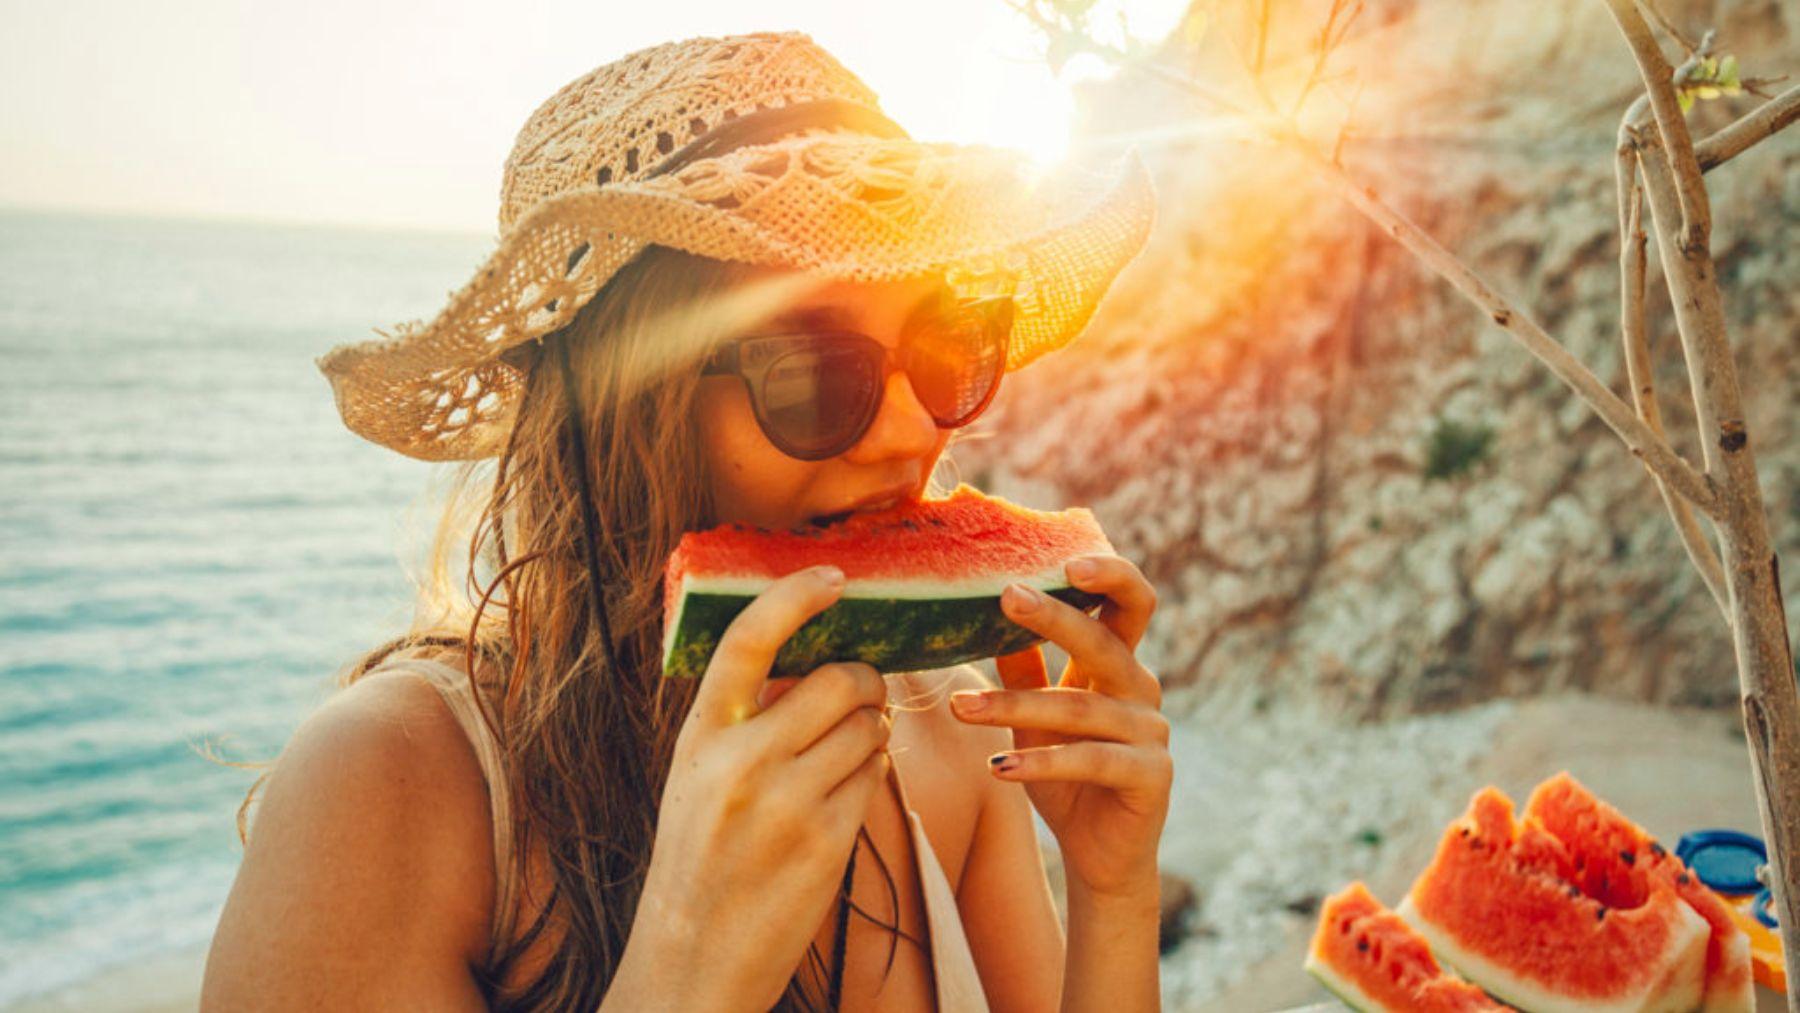 Los mejores alimentos para evitar la deshidración del verano